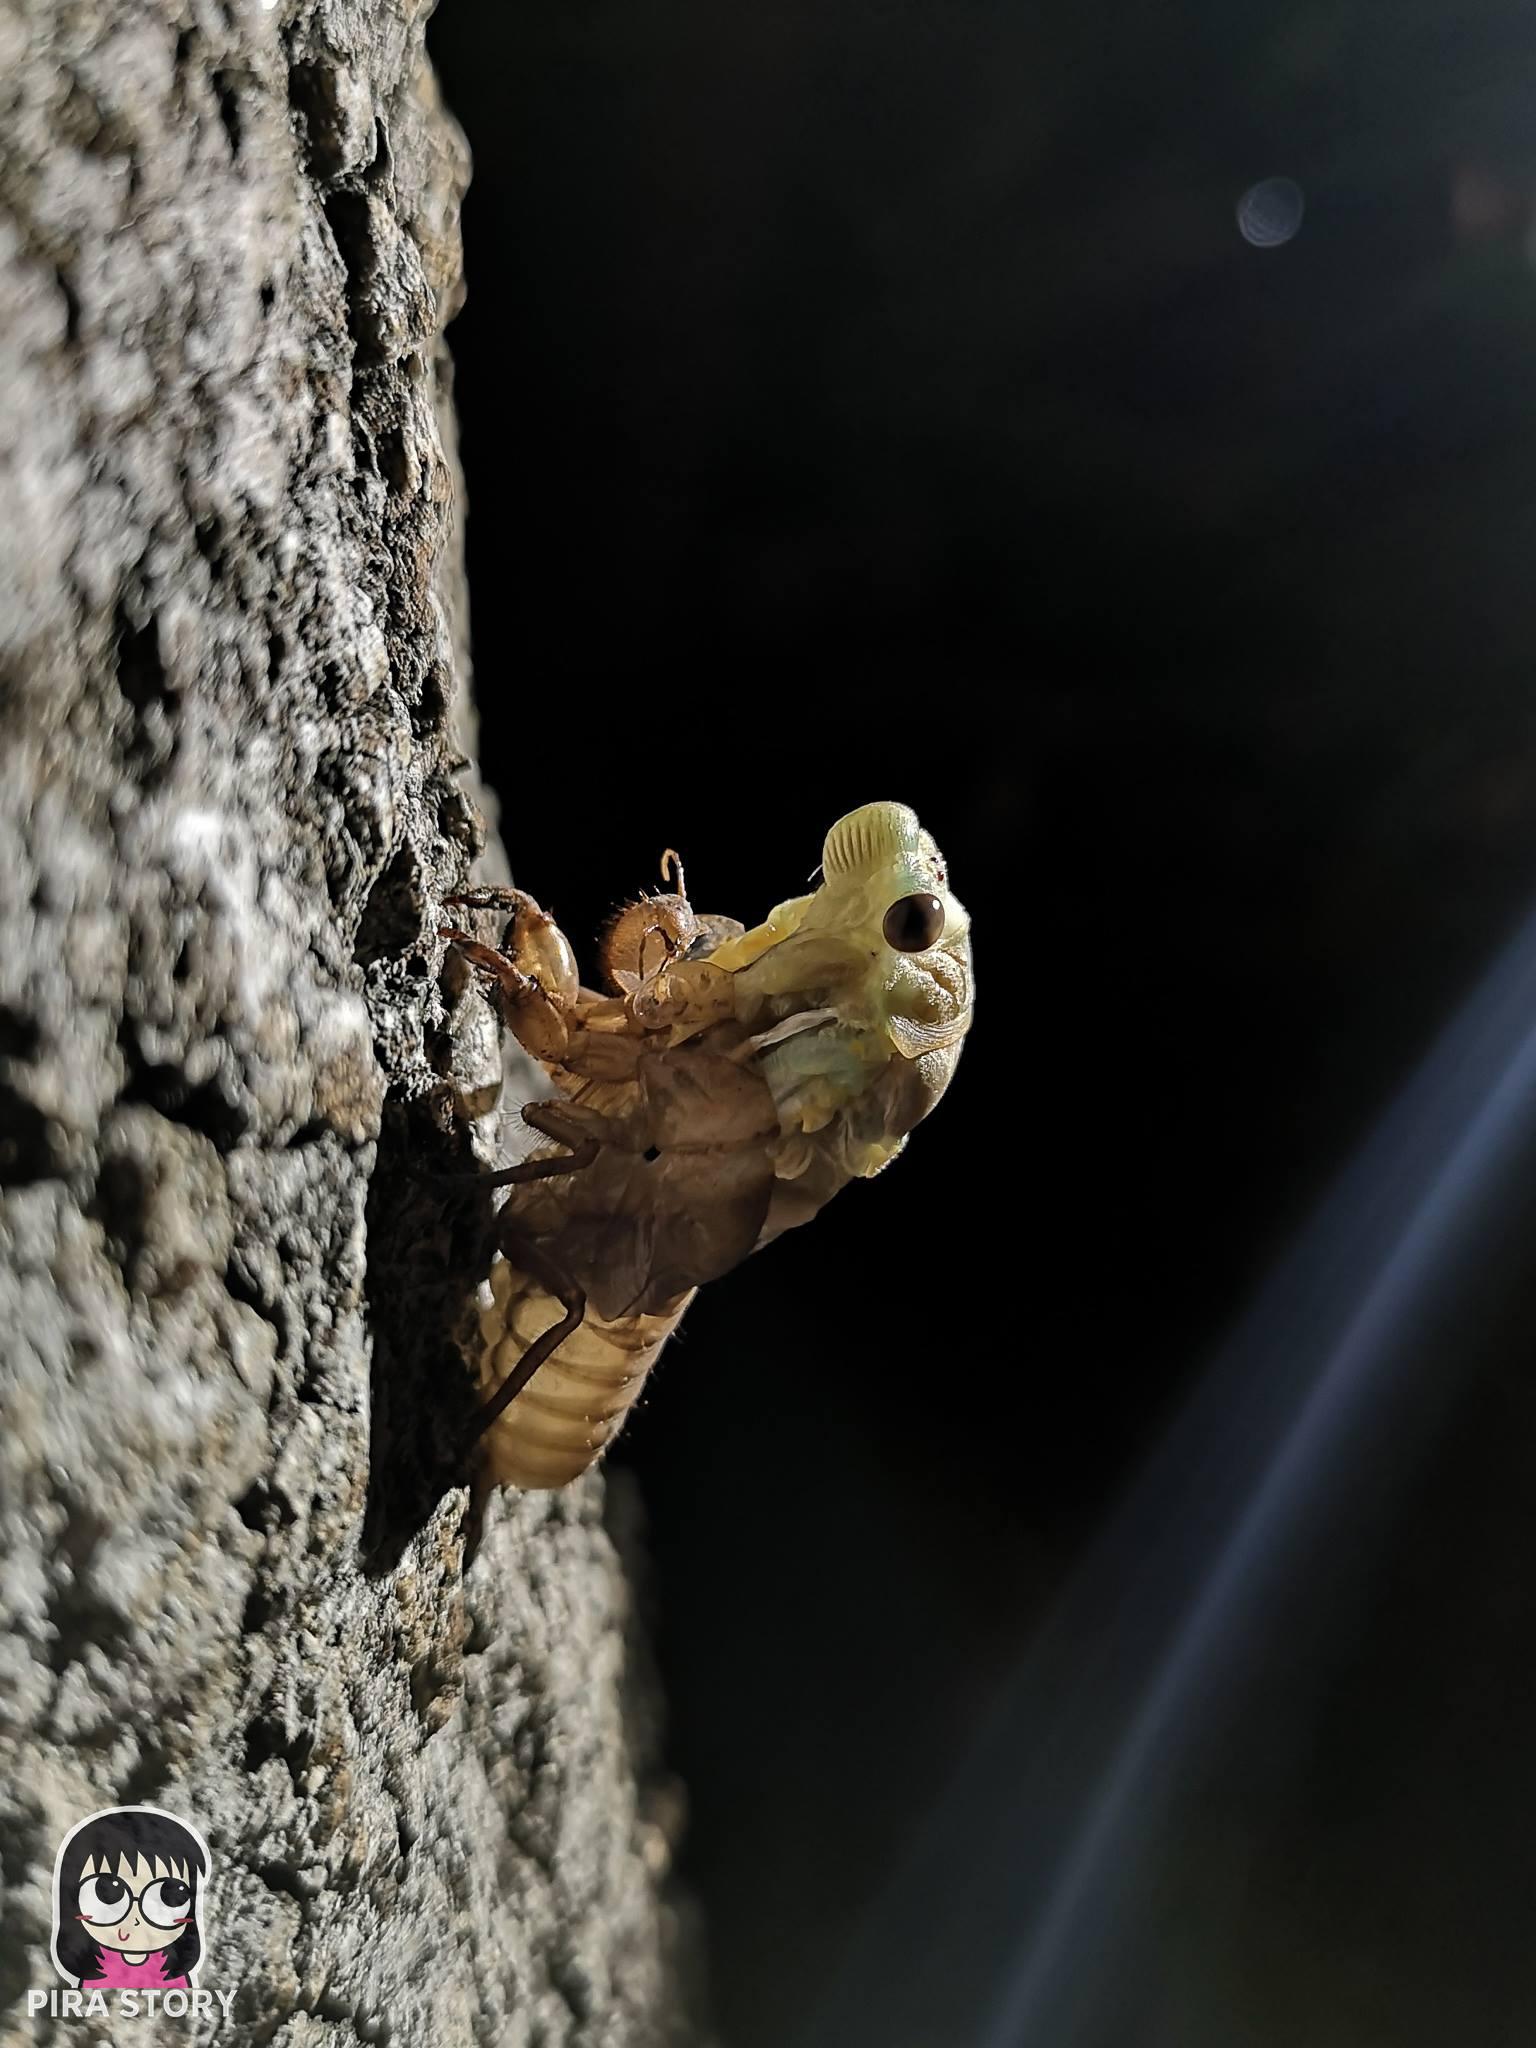 จักจั่น, จั๊กจั่น, cicada, metamorphosis, insect, แมลง